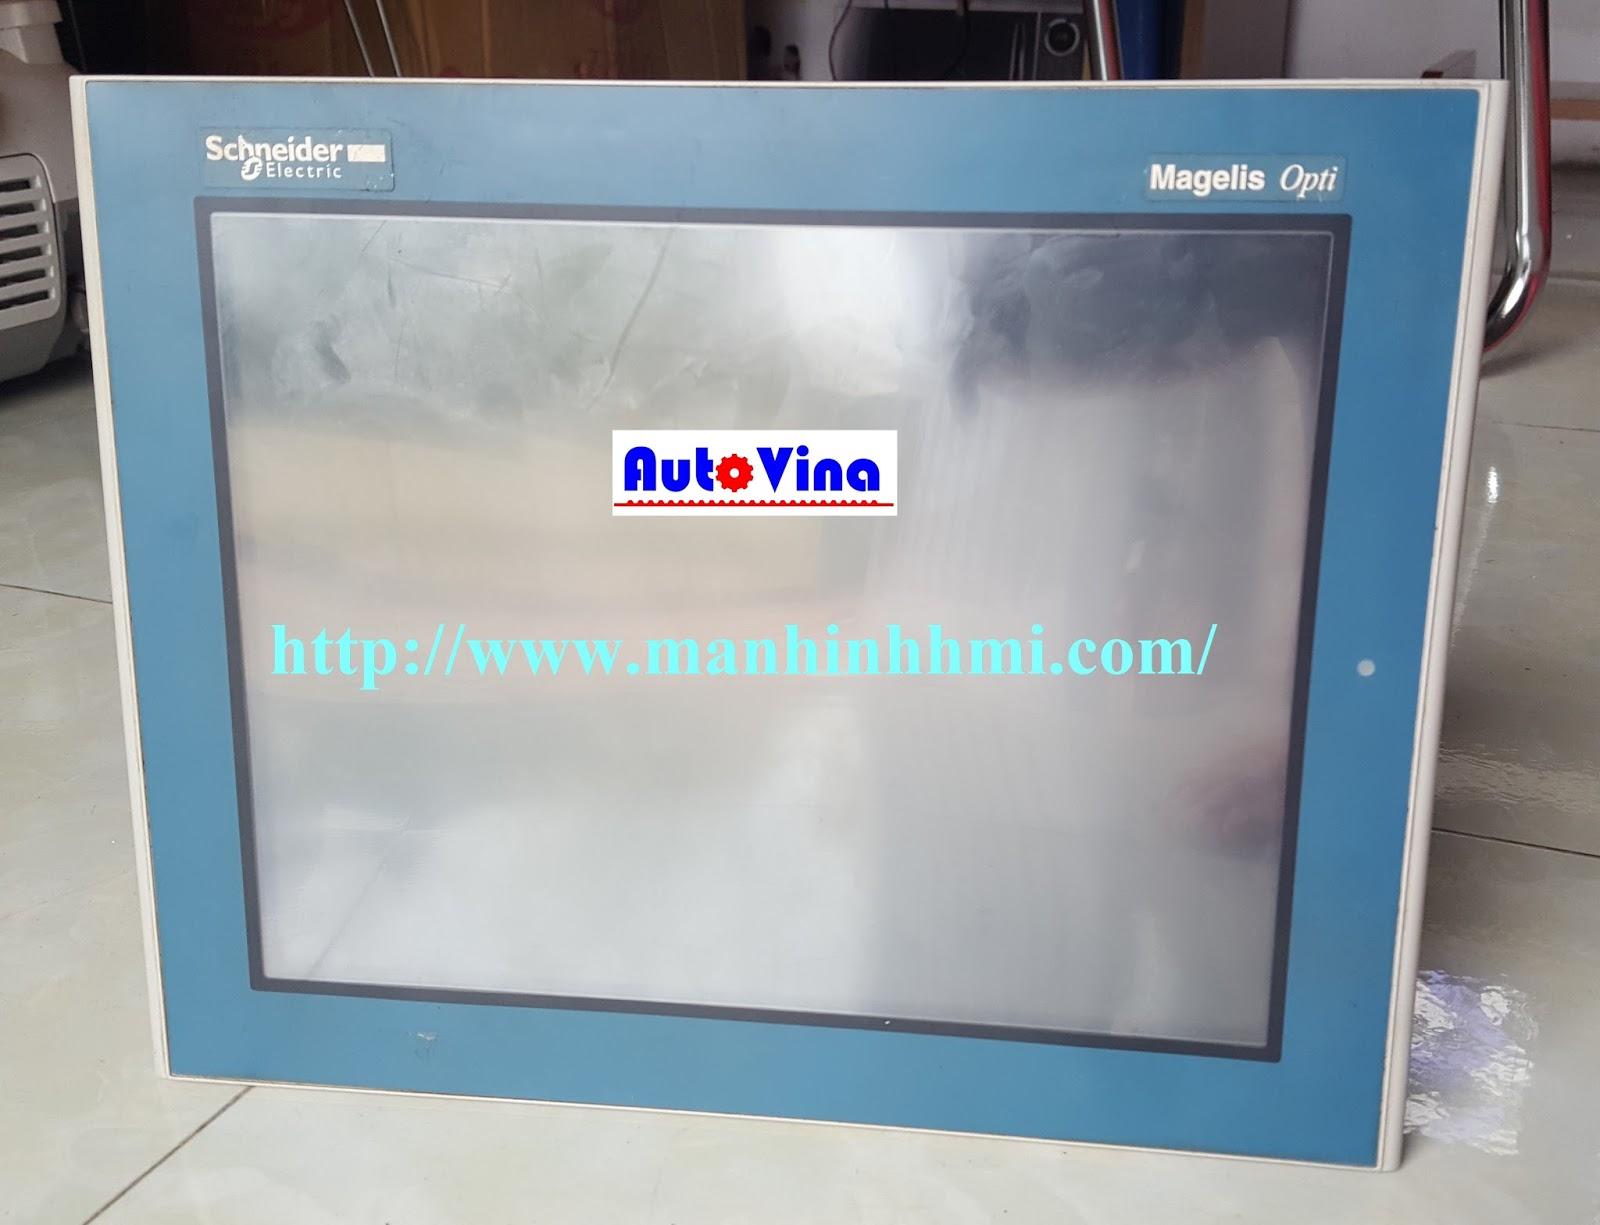 Màn hình cảm ứng HMI Schneider XBTOT5320 được Auto Vina sửa chữa, thay thế LCD, tấm kính cảm ứng